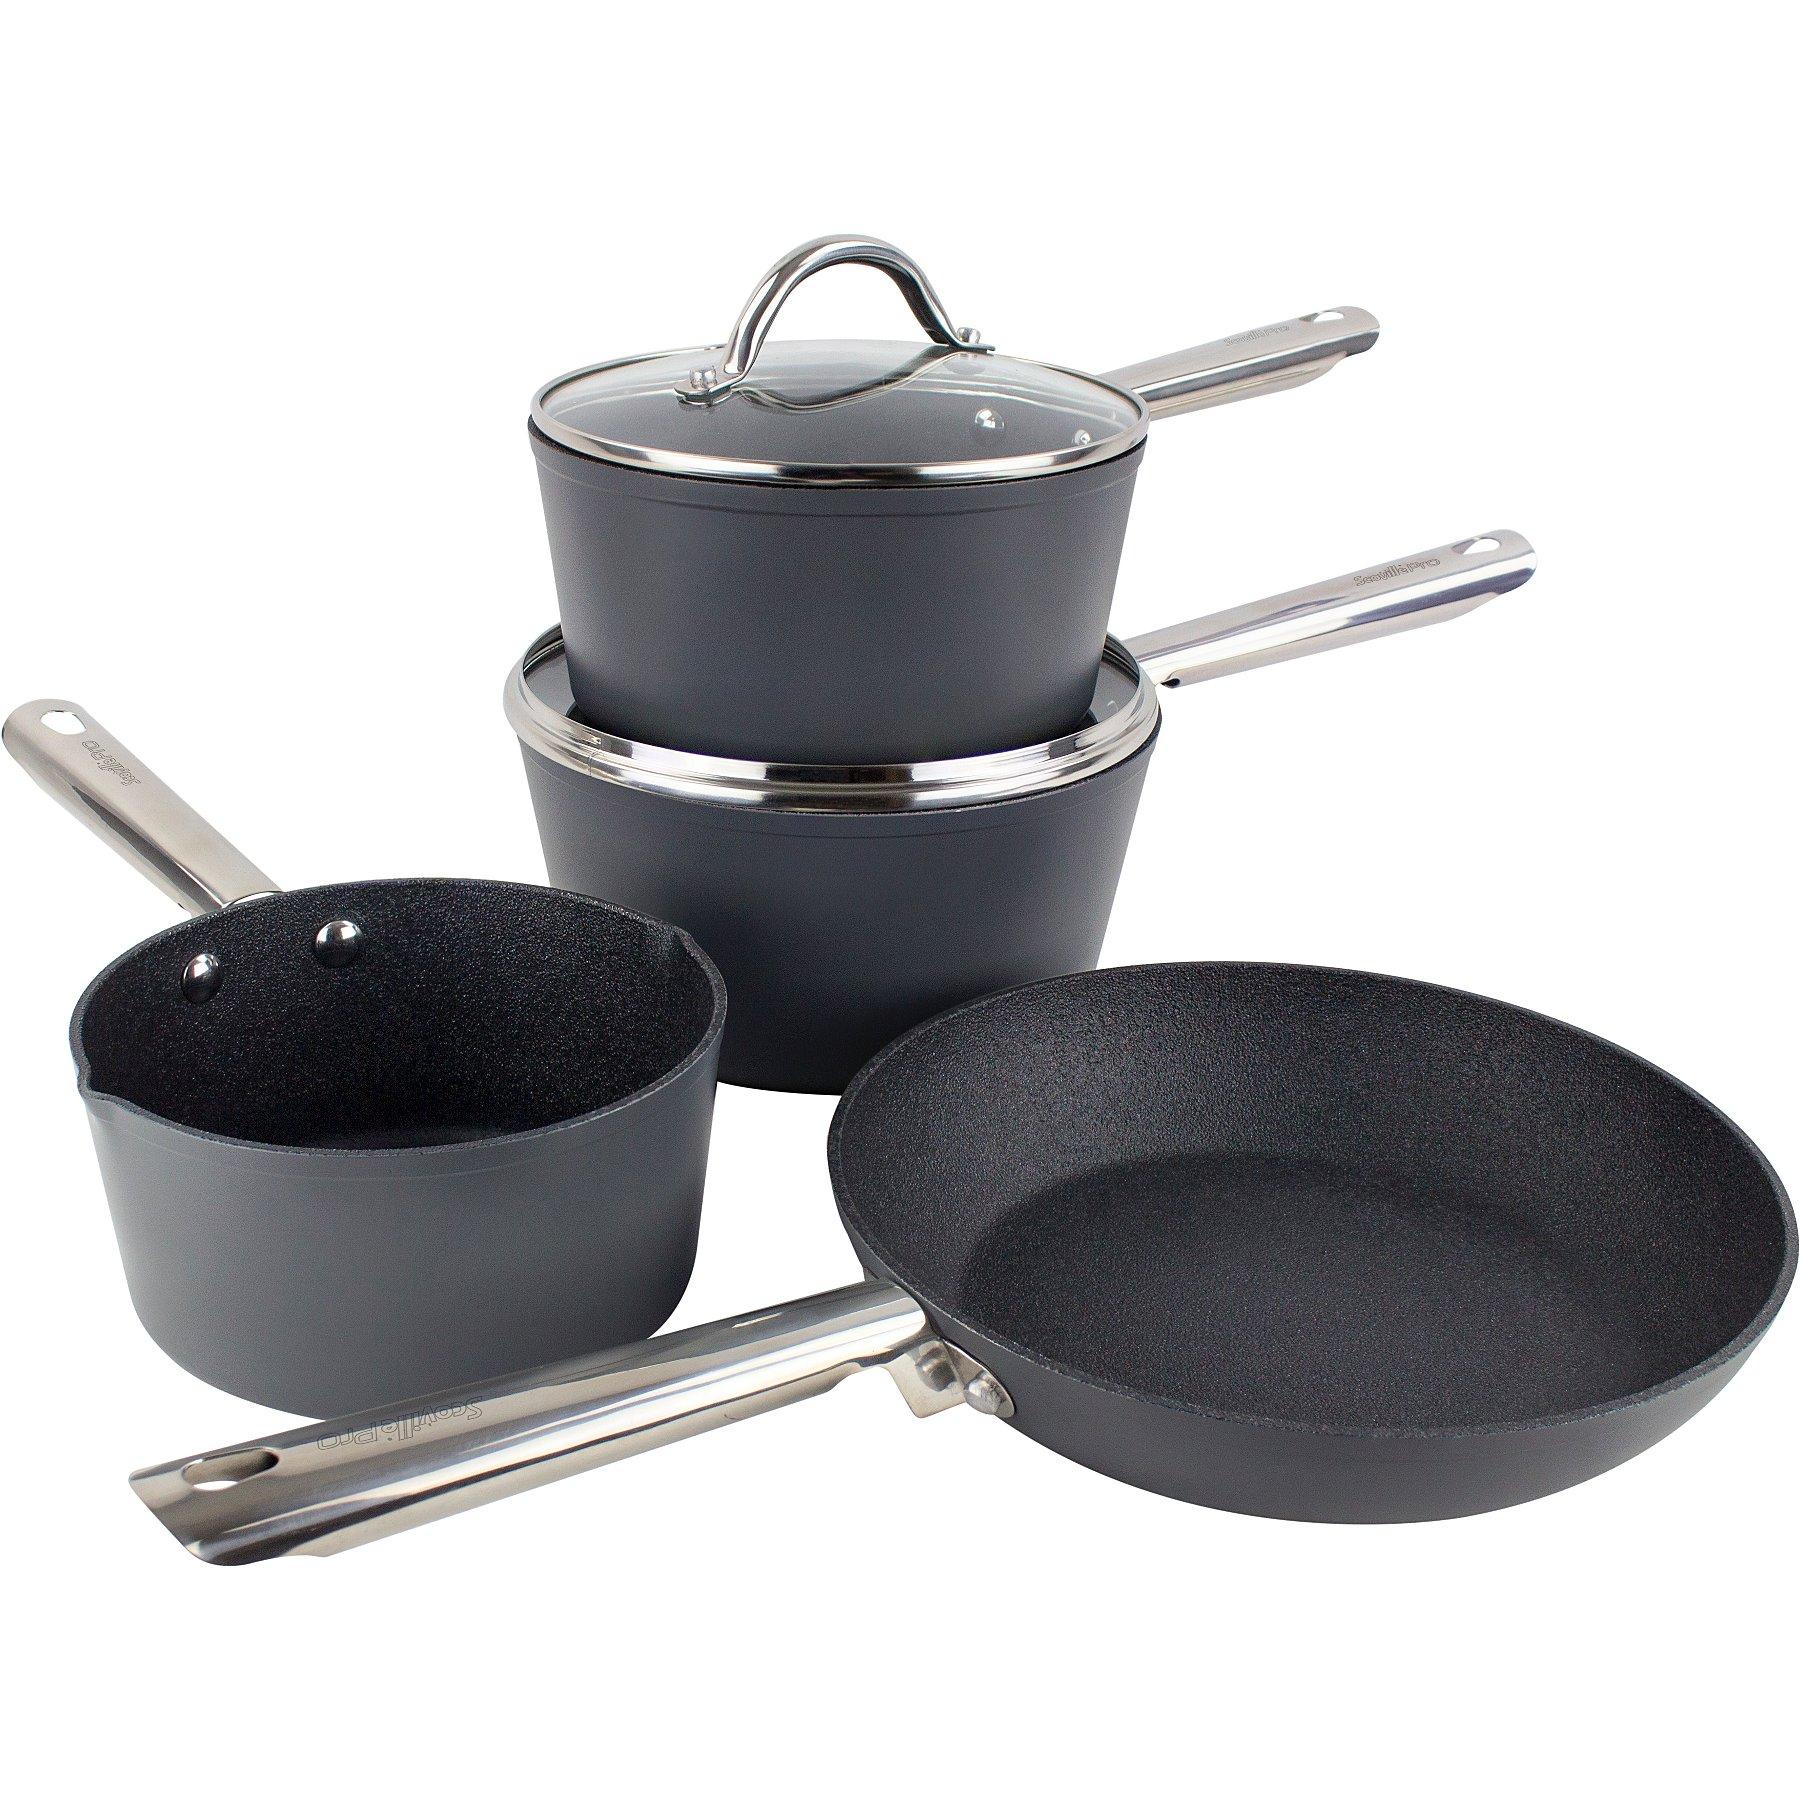 Scoville Pro Never Stick 5-Piece Frying Pan Set - £38 @ Asda